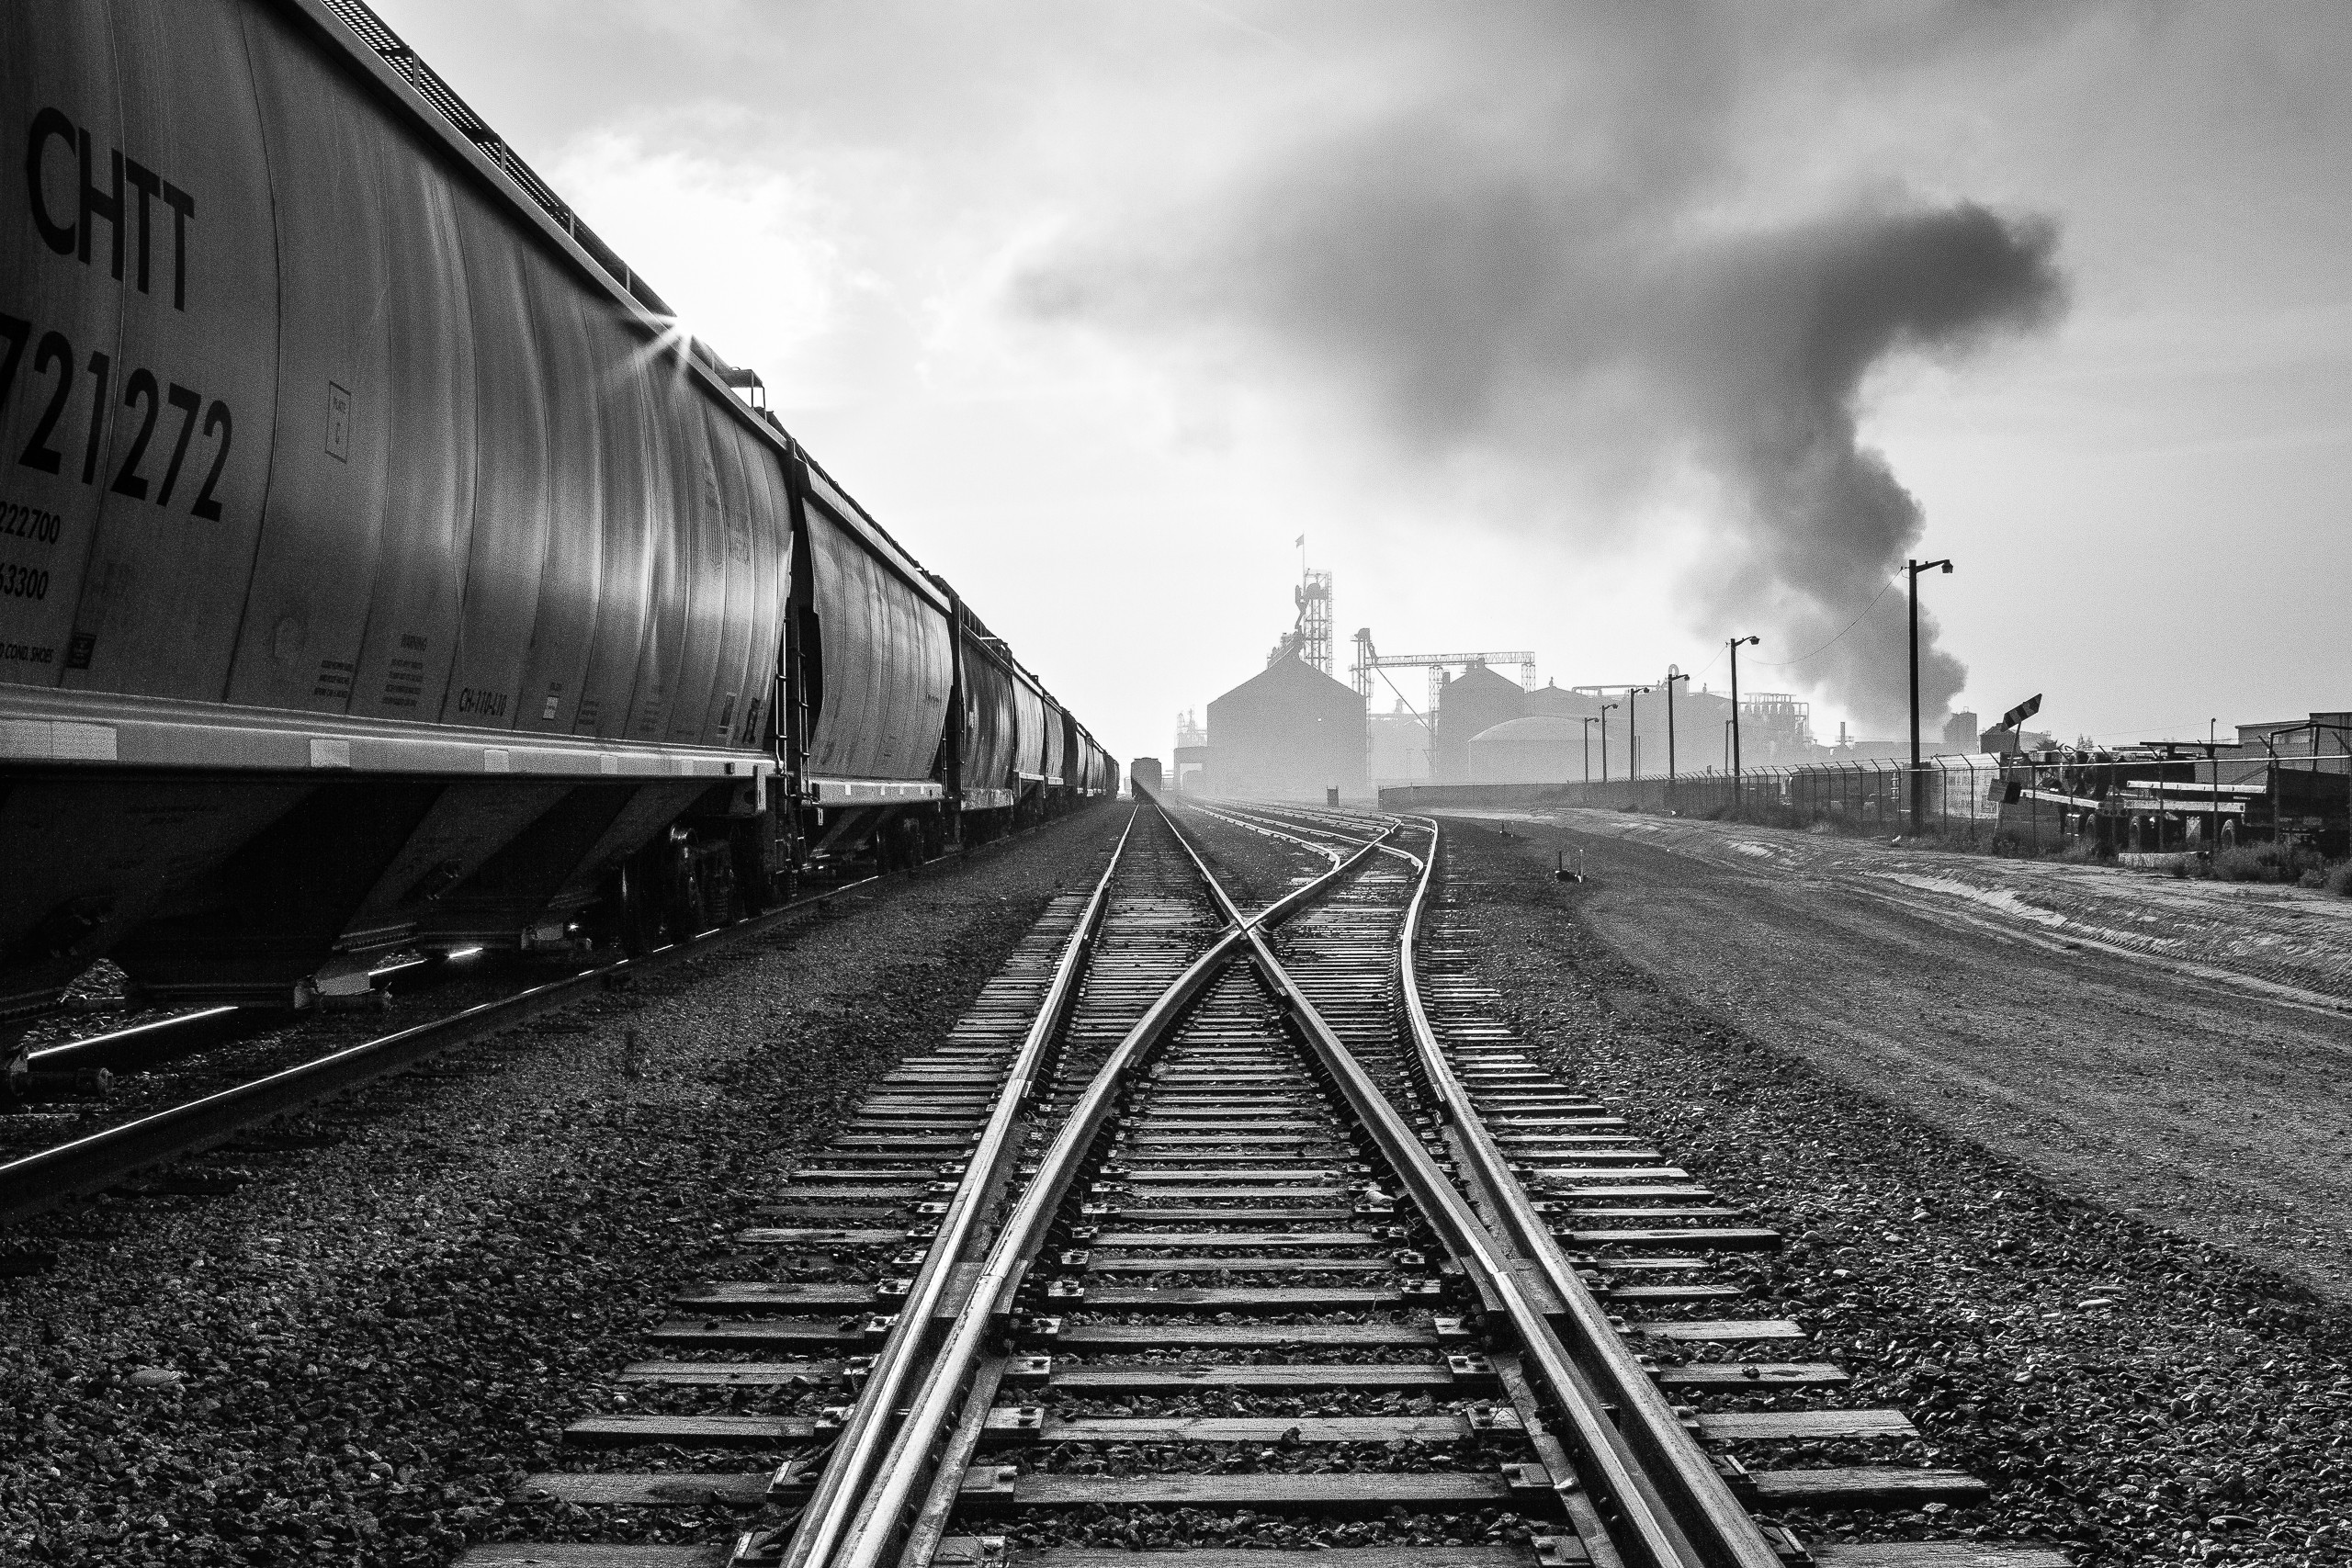 The Grain Train